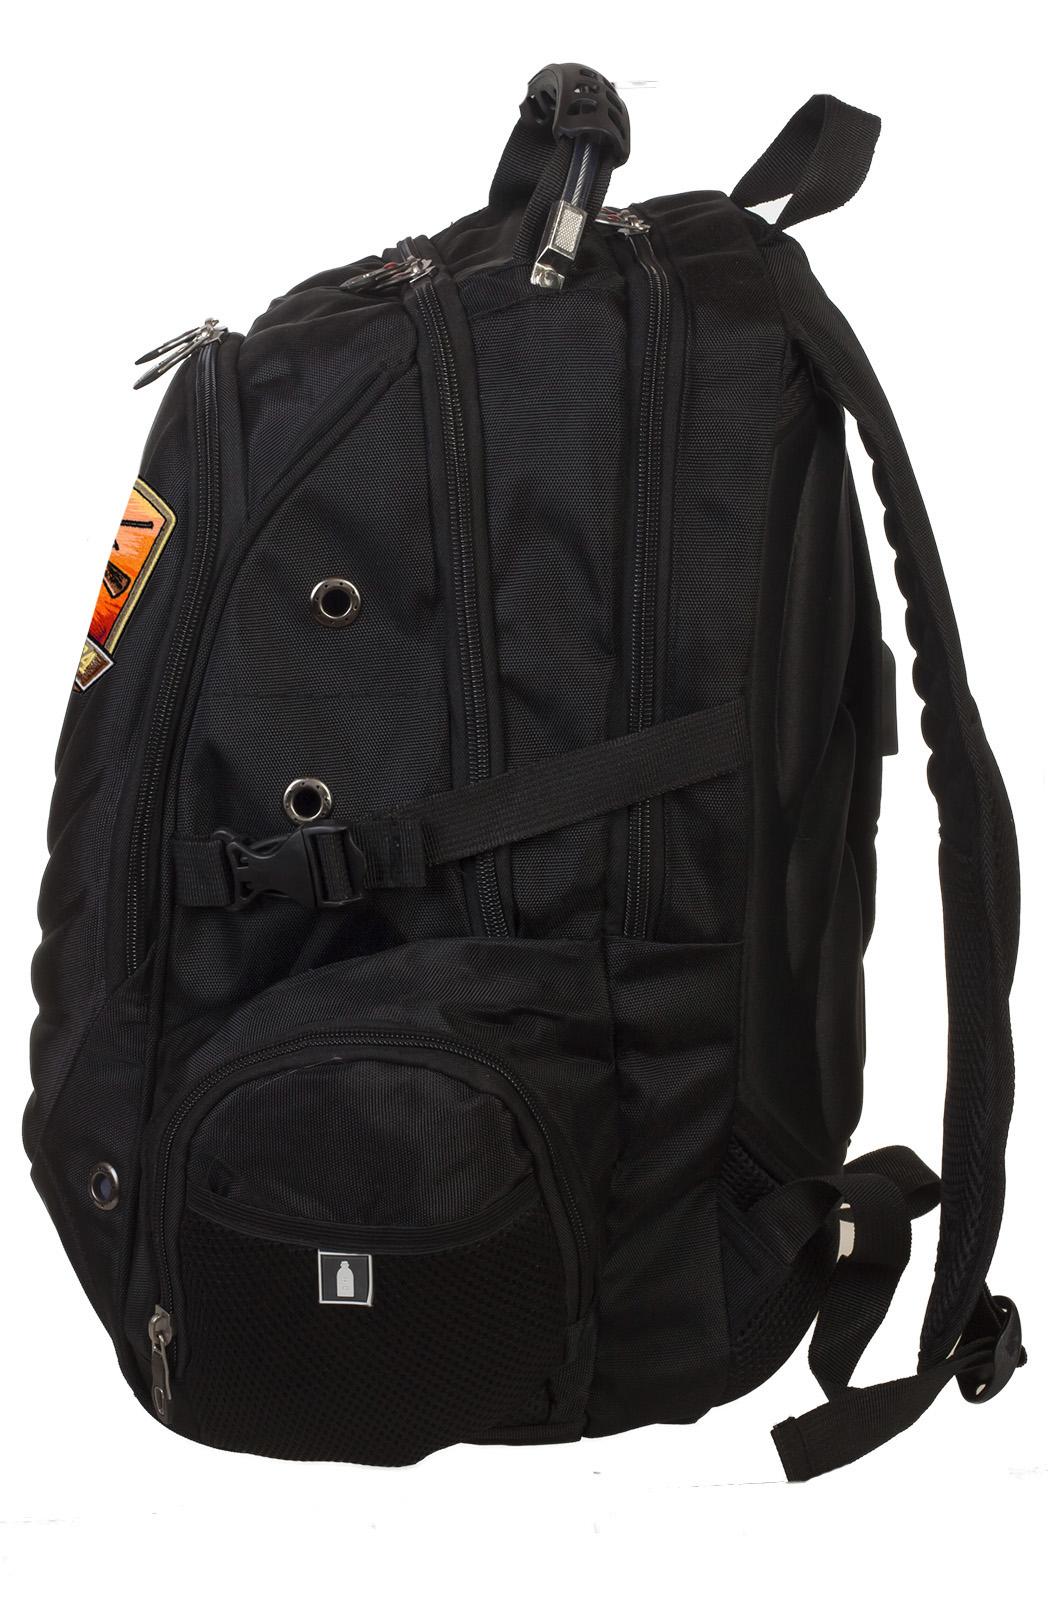 Черный рюкзак с символичным шевроном Русская охота купить онлайн